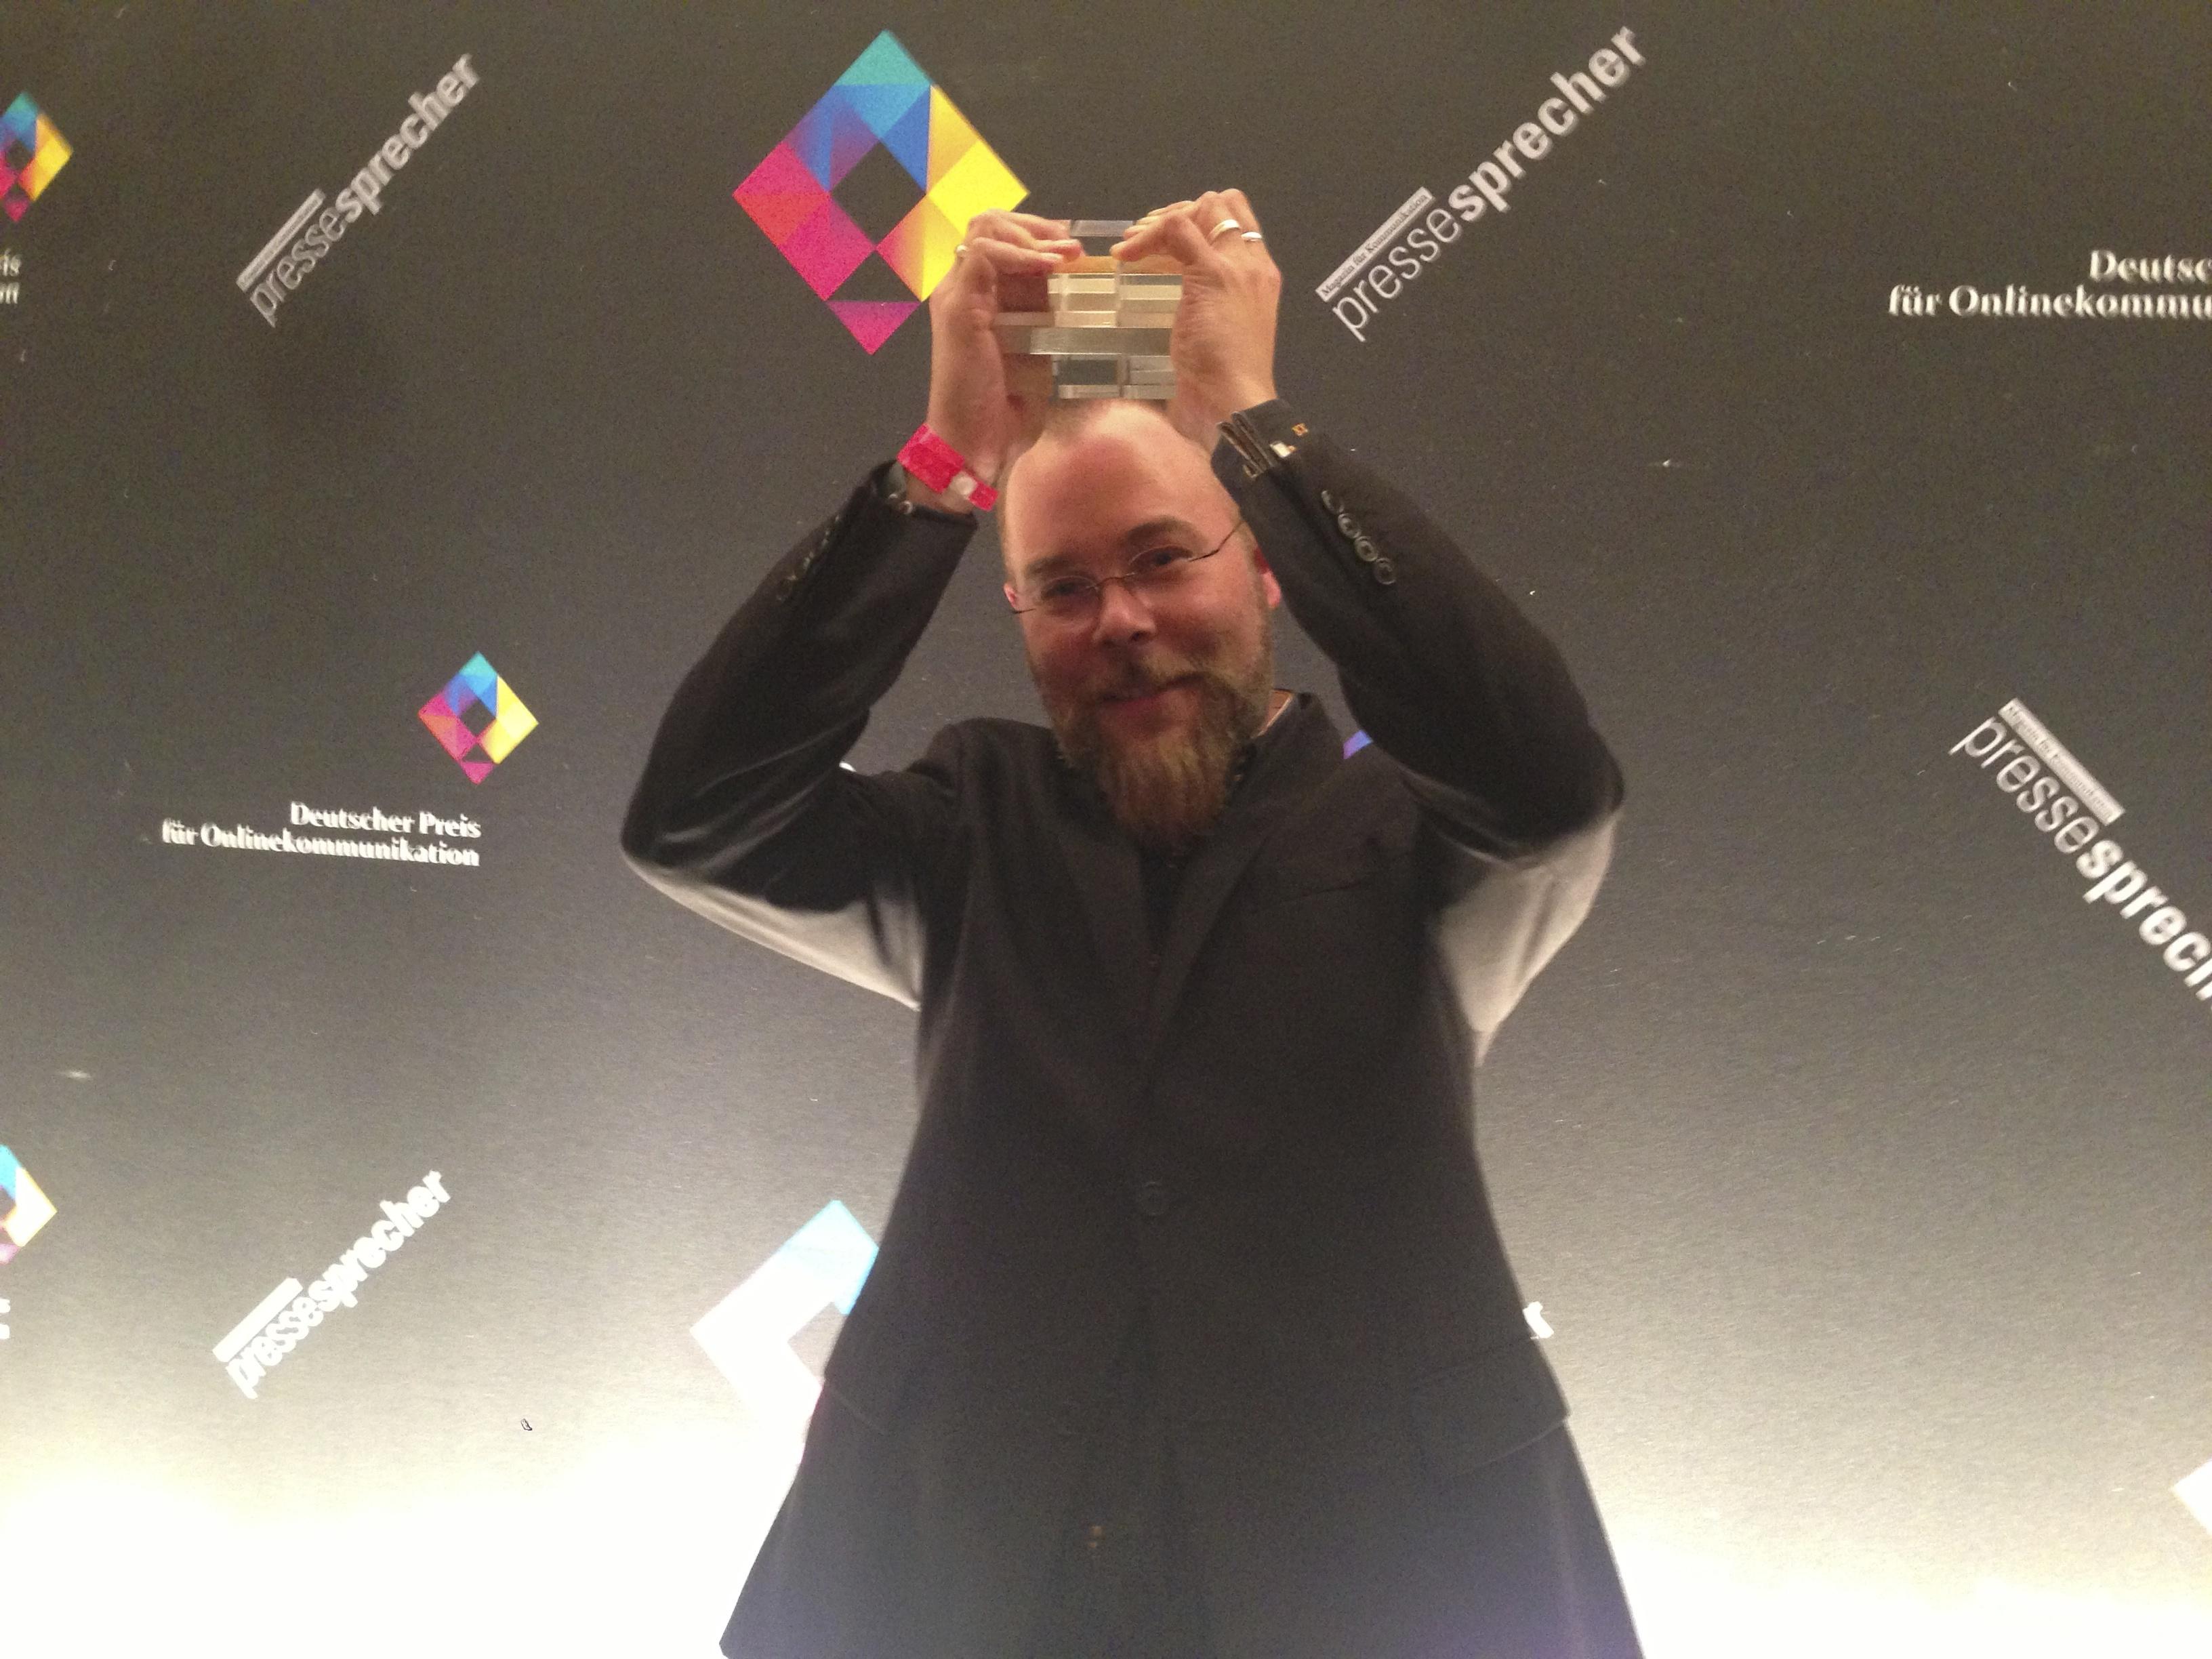 Deutscher Preis für Onlinekommunikation 2013